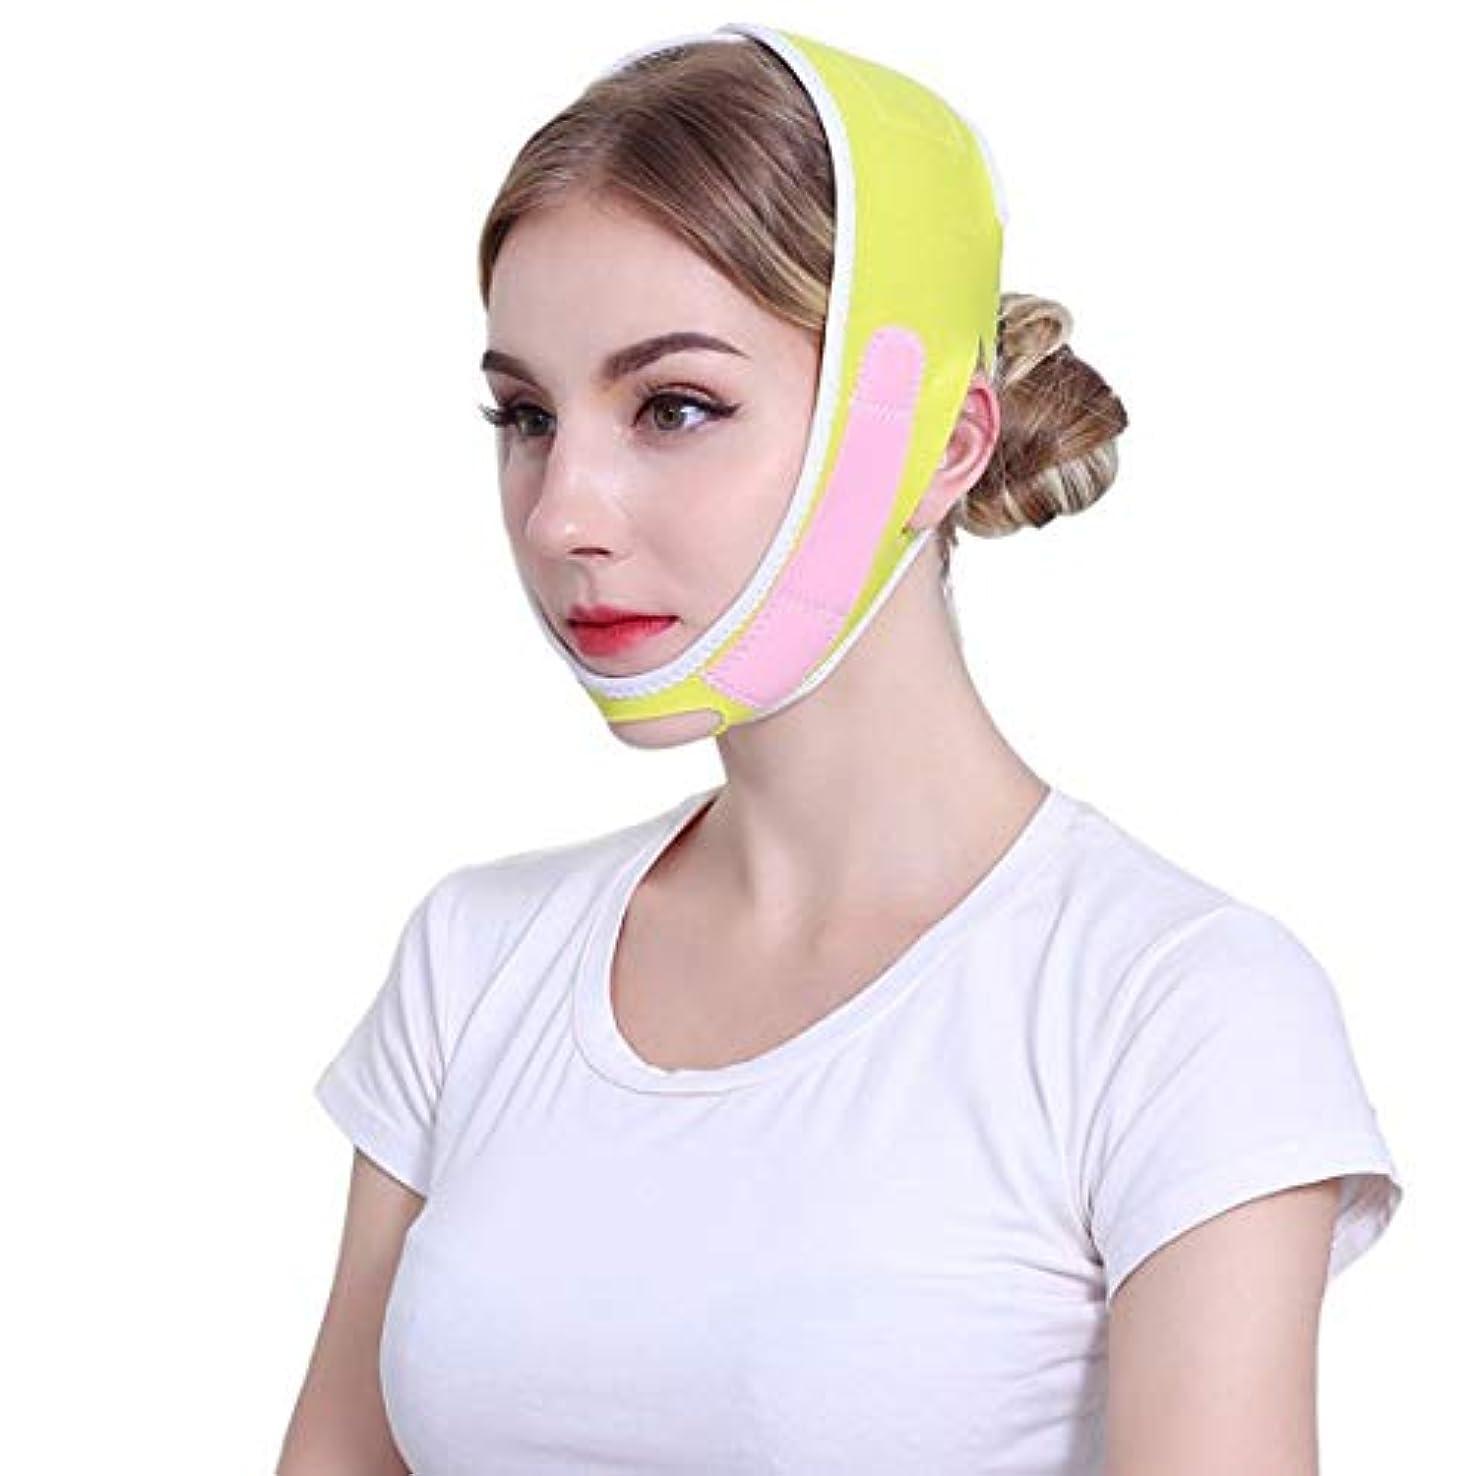 吸い込む特権歩き回るZWBD フェイスマスク, フェイスリフティング包帯v薄い顔の形の男性と女性vフェイスリフティング引き締めリフティングフェイス包帯黄色